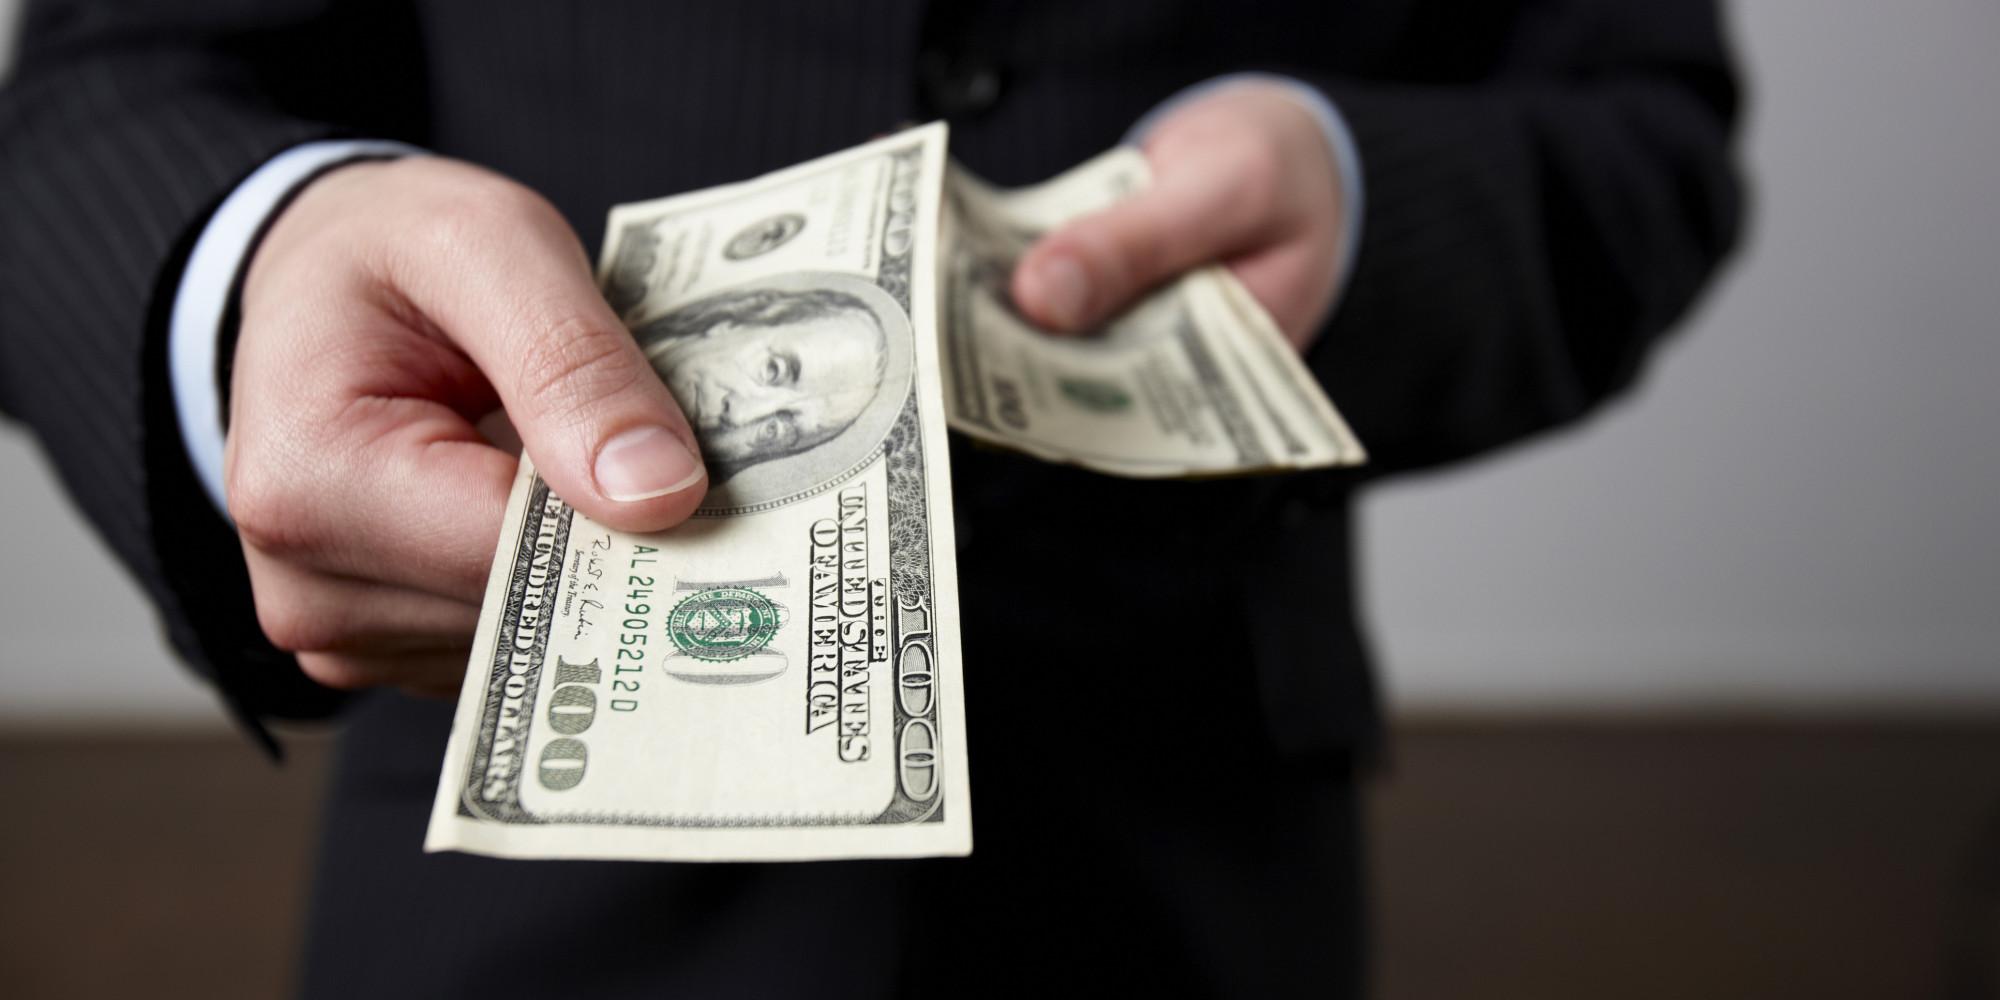 Если же вы получаете деньги — это символизирует недостаток любви в вашей жизни.